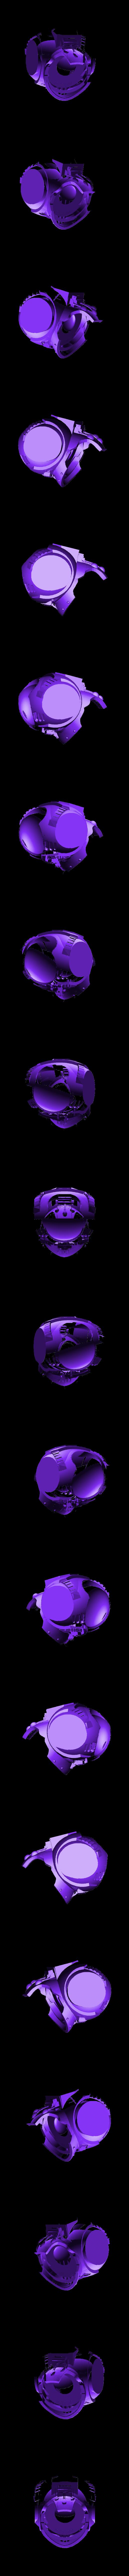 Torso 1.stl Télécharger fichier STL gratuit L'équipe des Chevaliers gris Primaris • Modèle pour imprimante 3D, joeldawson93